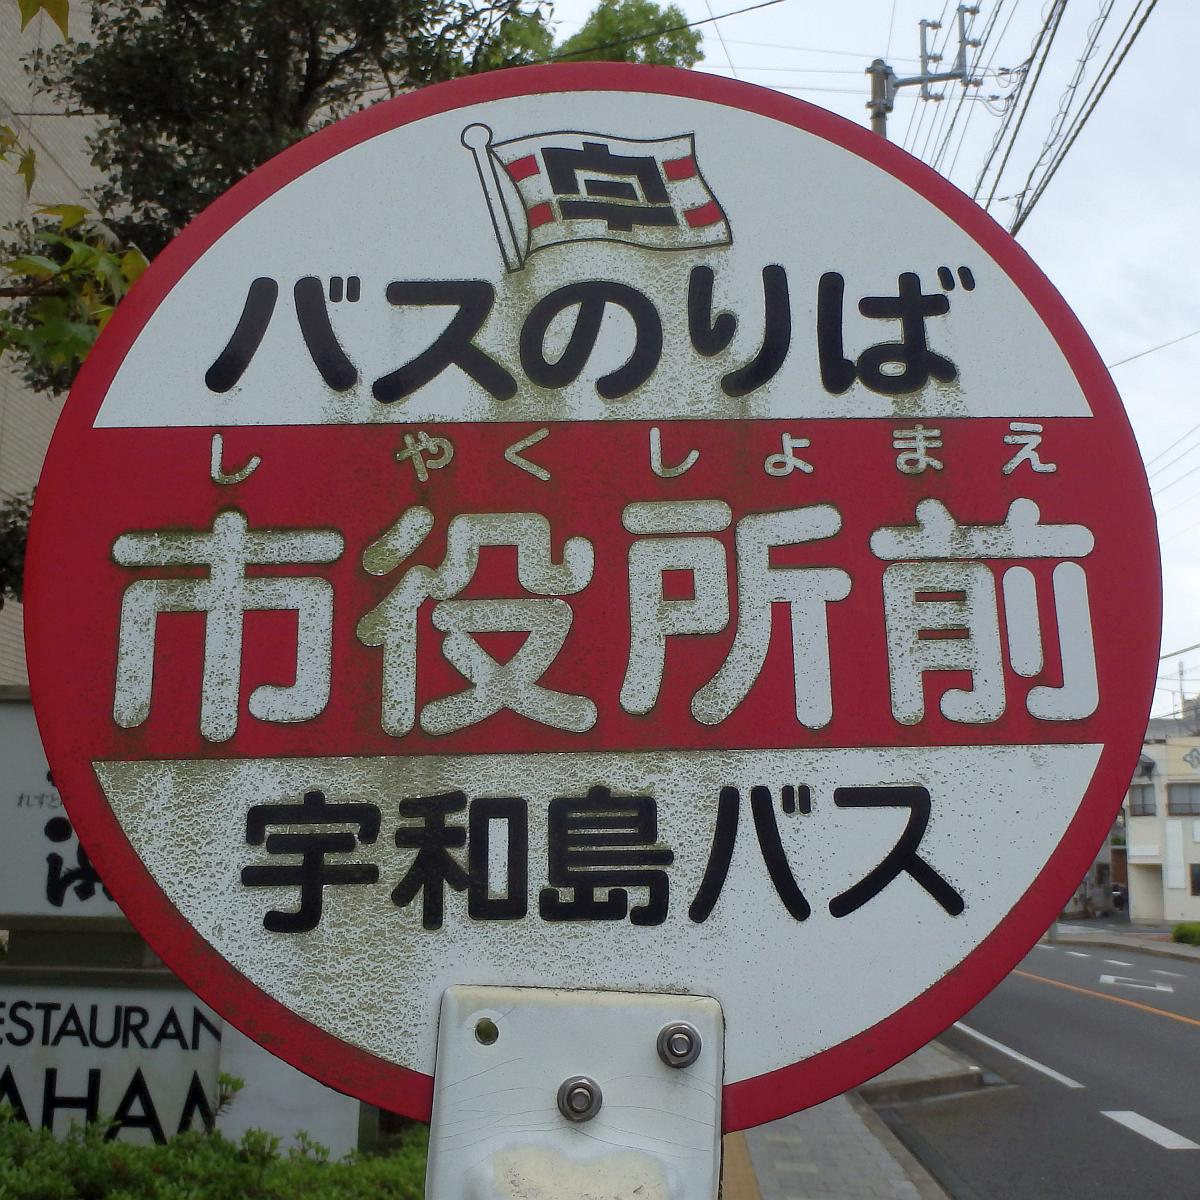 宇和島バス 市役所前バス停